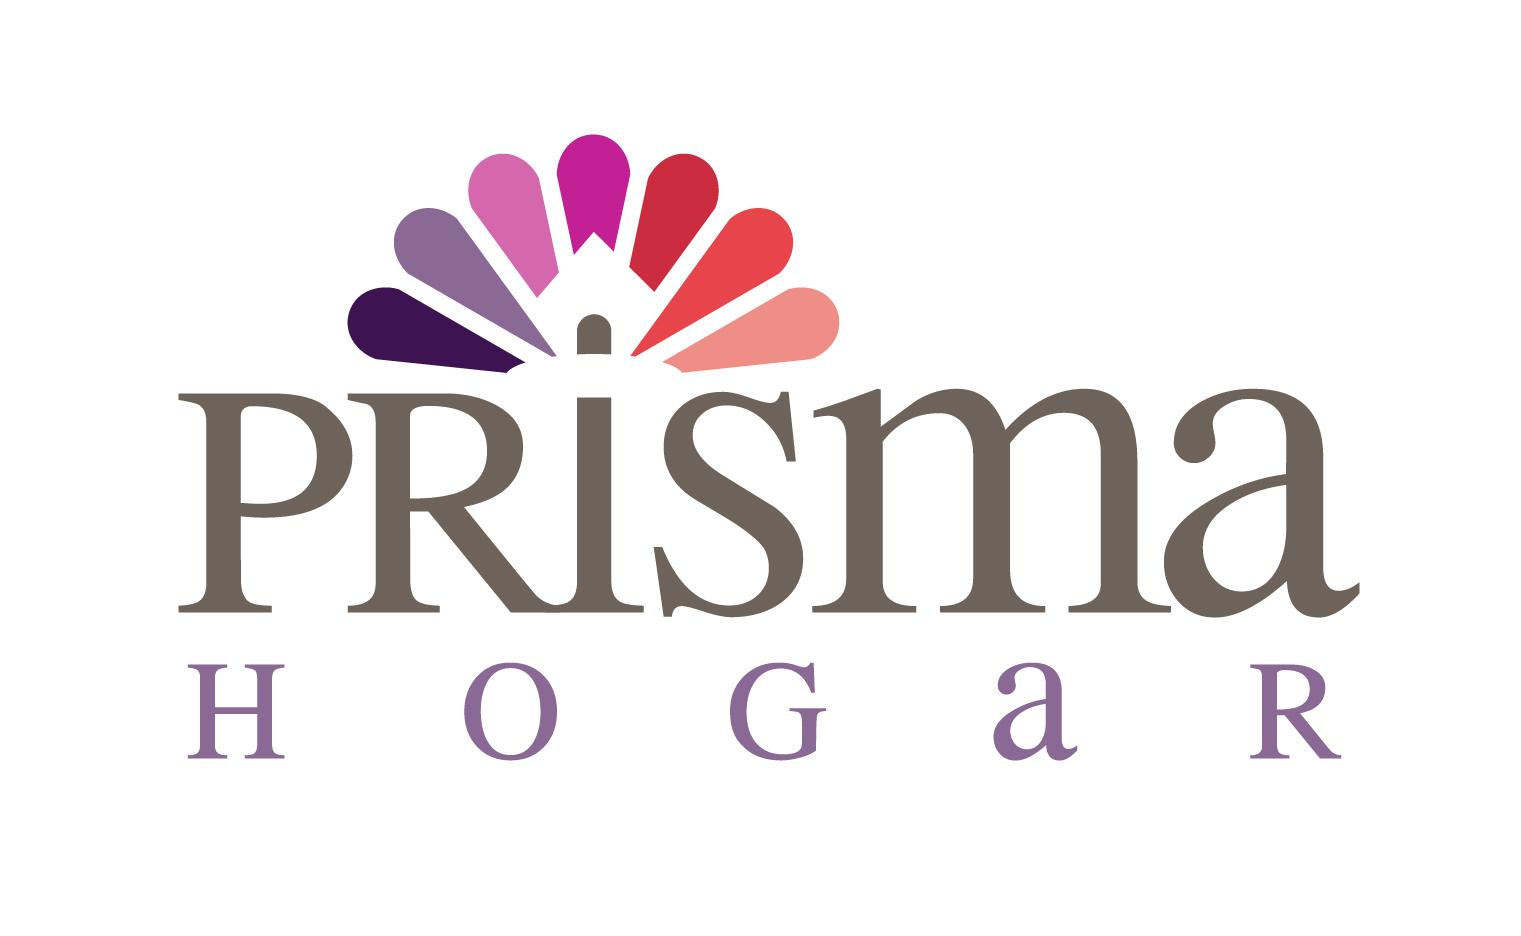 PRISMA HOGAR SA